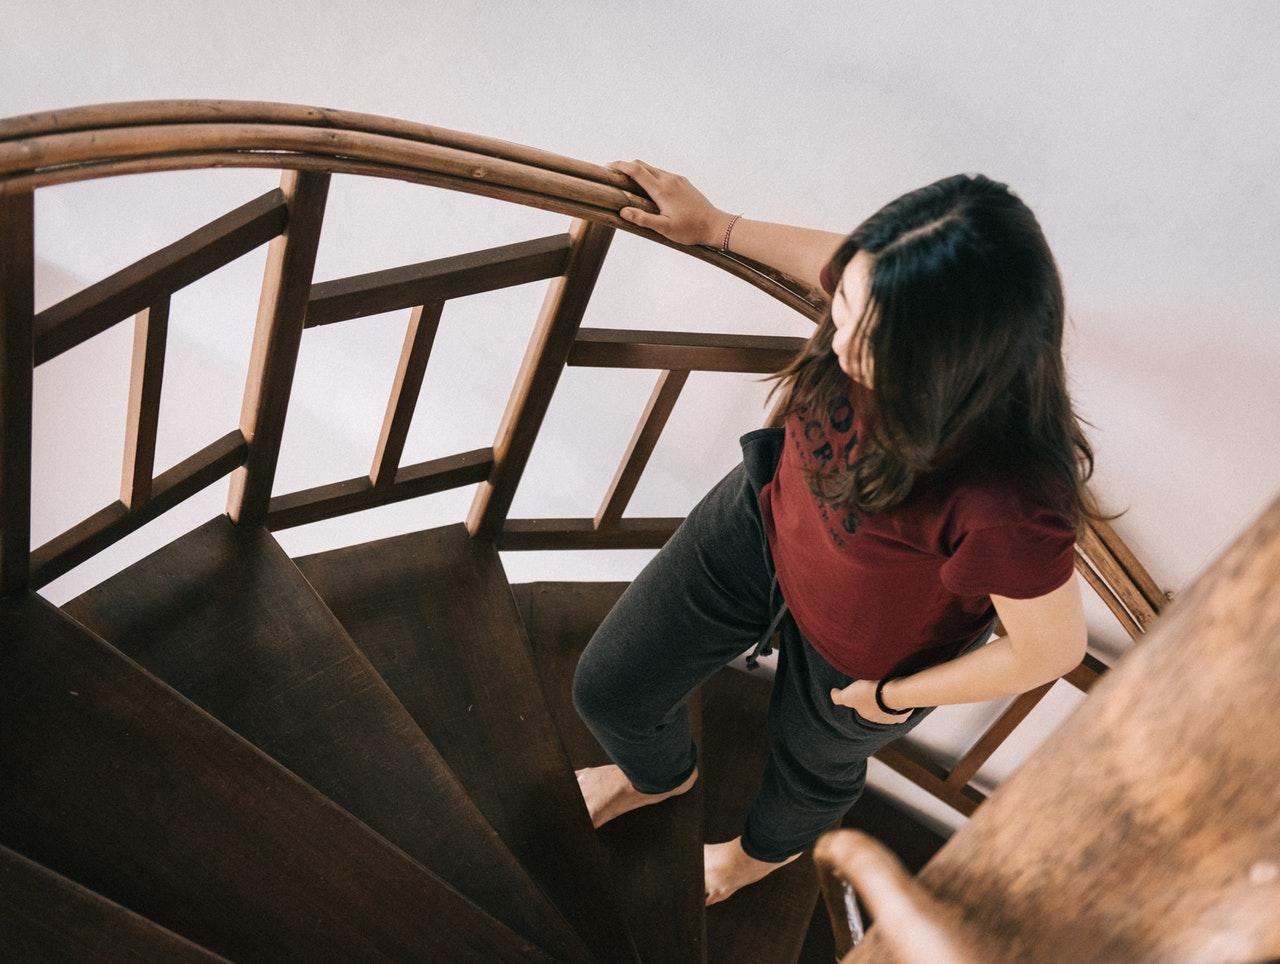 děvče co stoupá po točitých schodech nahoru